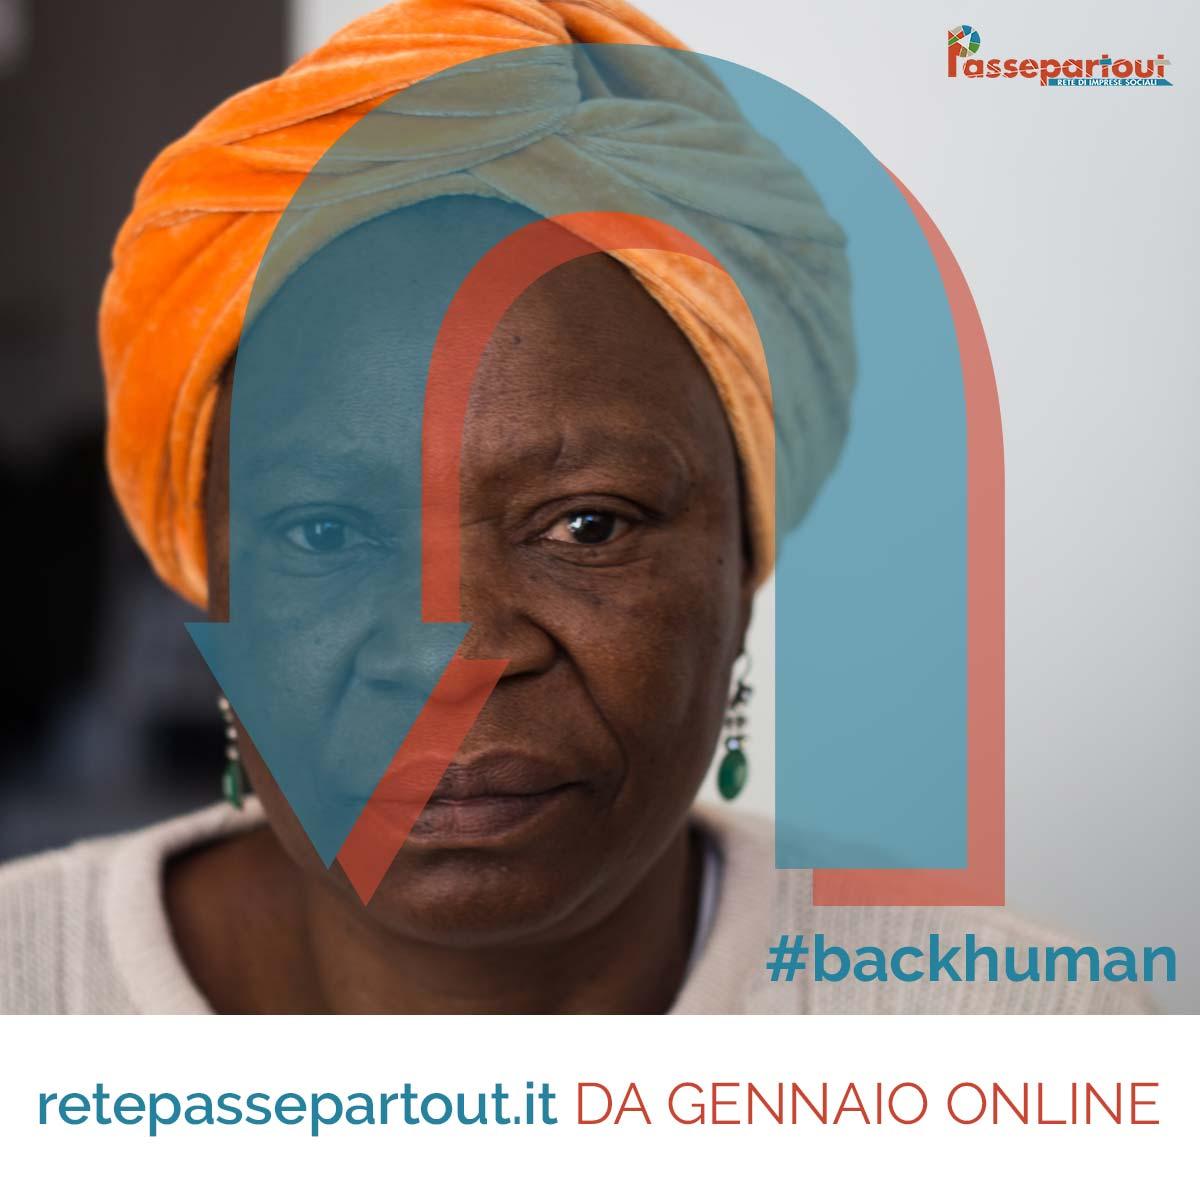 Passepartout_teaser-1